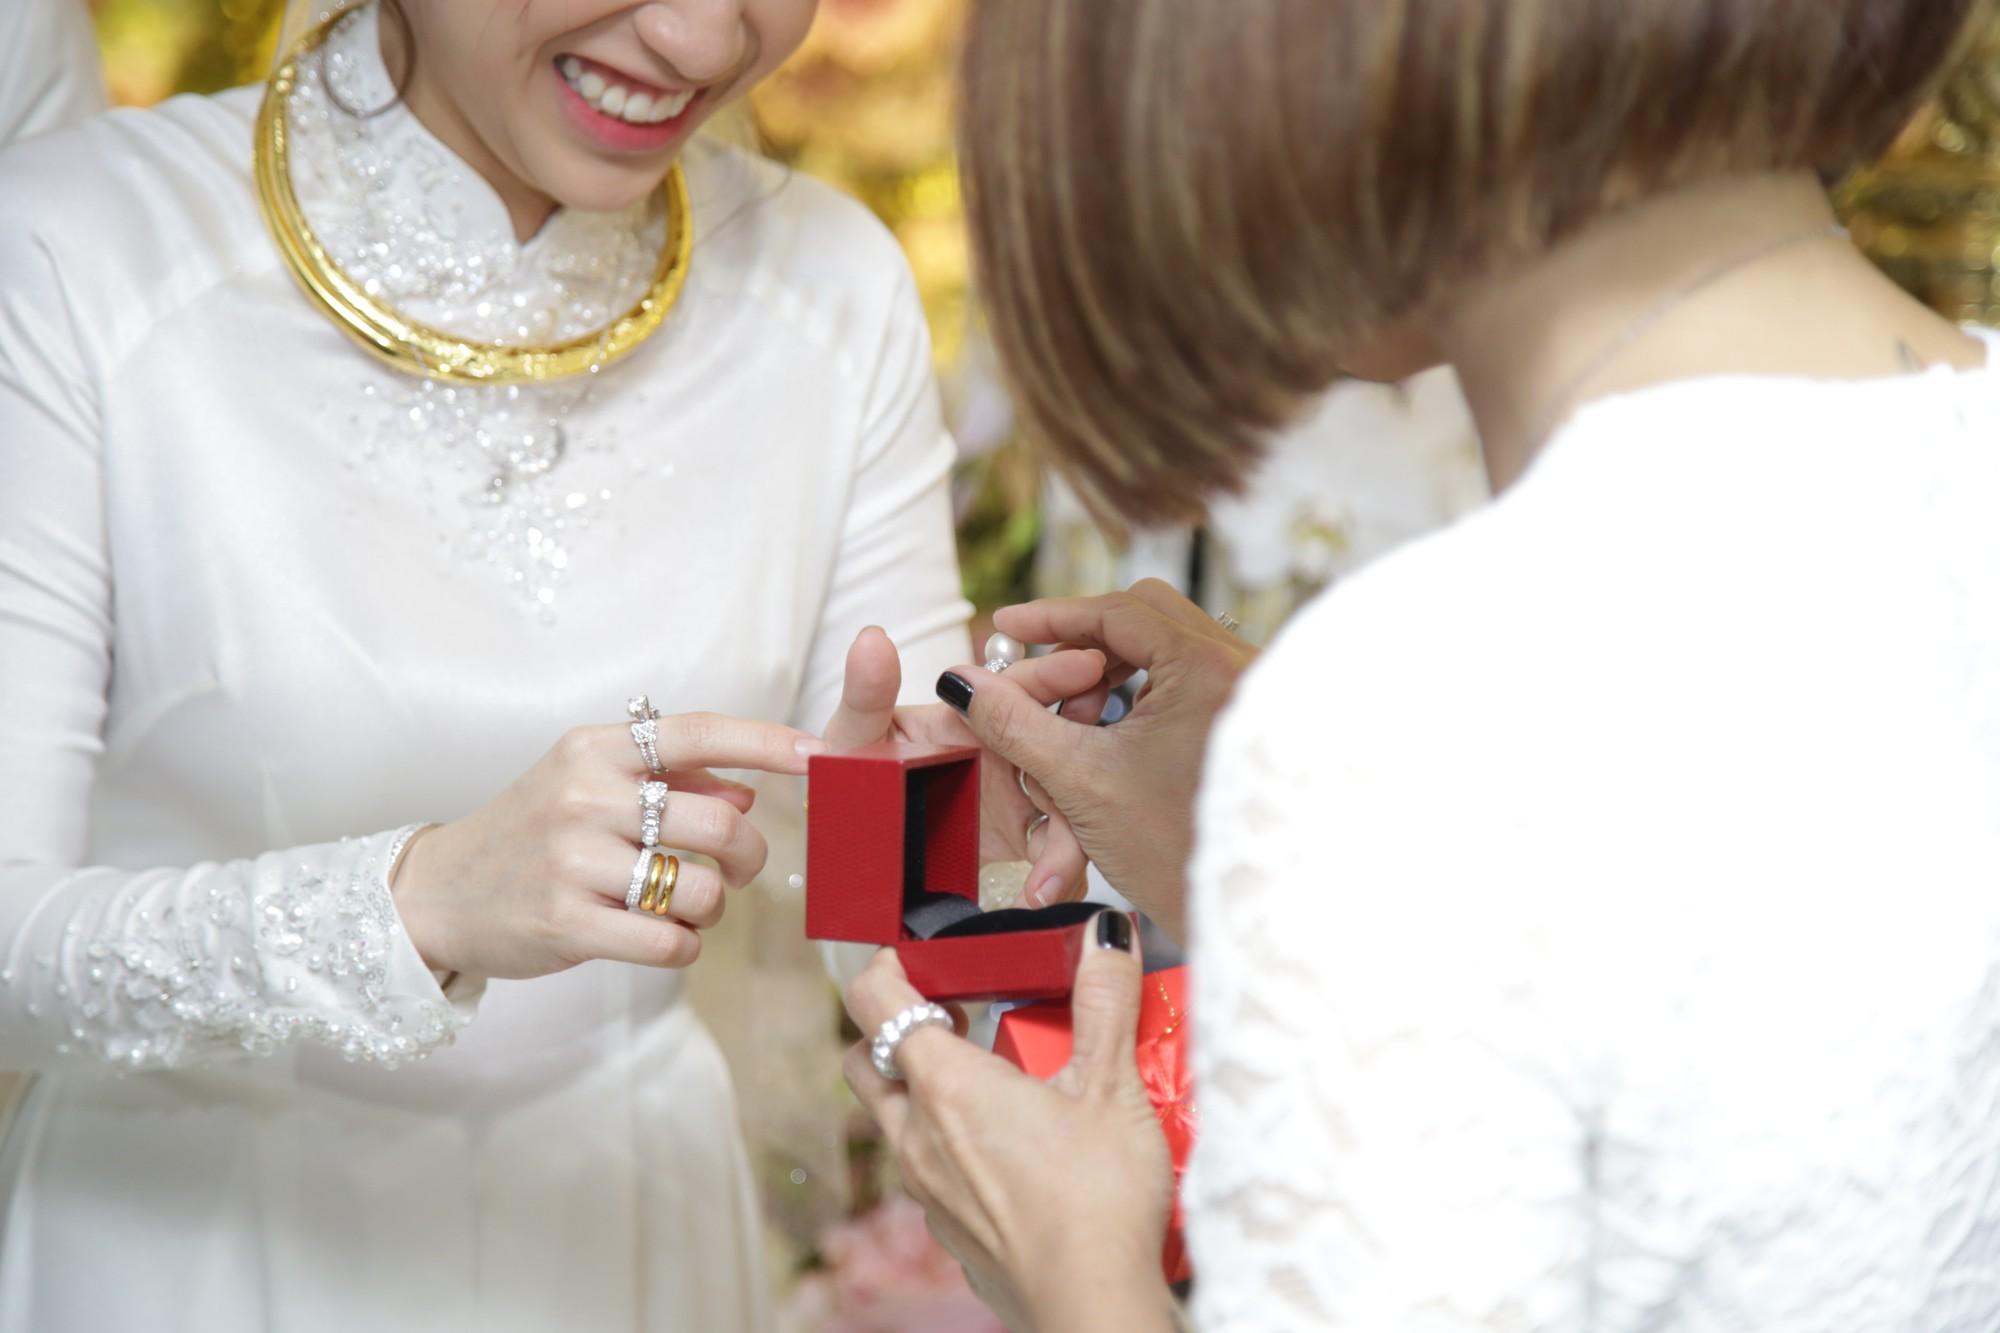 HOT: Toàn cảnh lễ đưa dâu toàn siêu xe hơn 100 tỷ của con gái đại gia Minh Nhựa, quà cưới toàn vàng, kim cương đeo đỏ tay-23